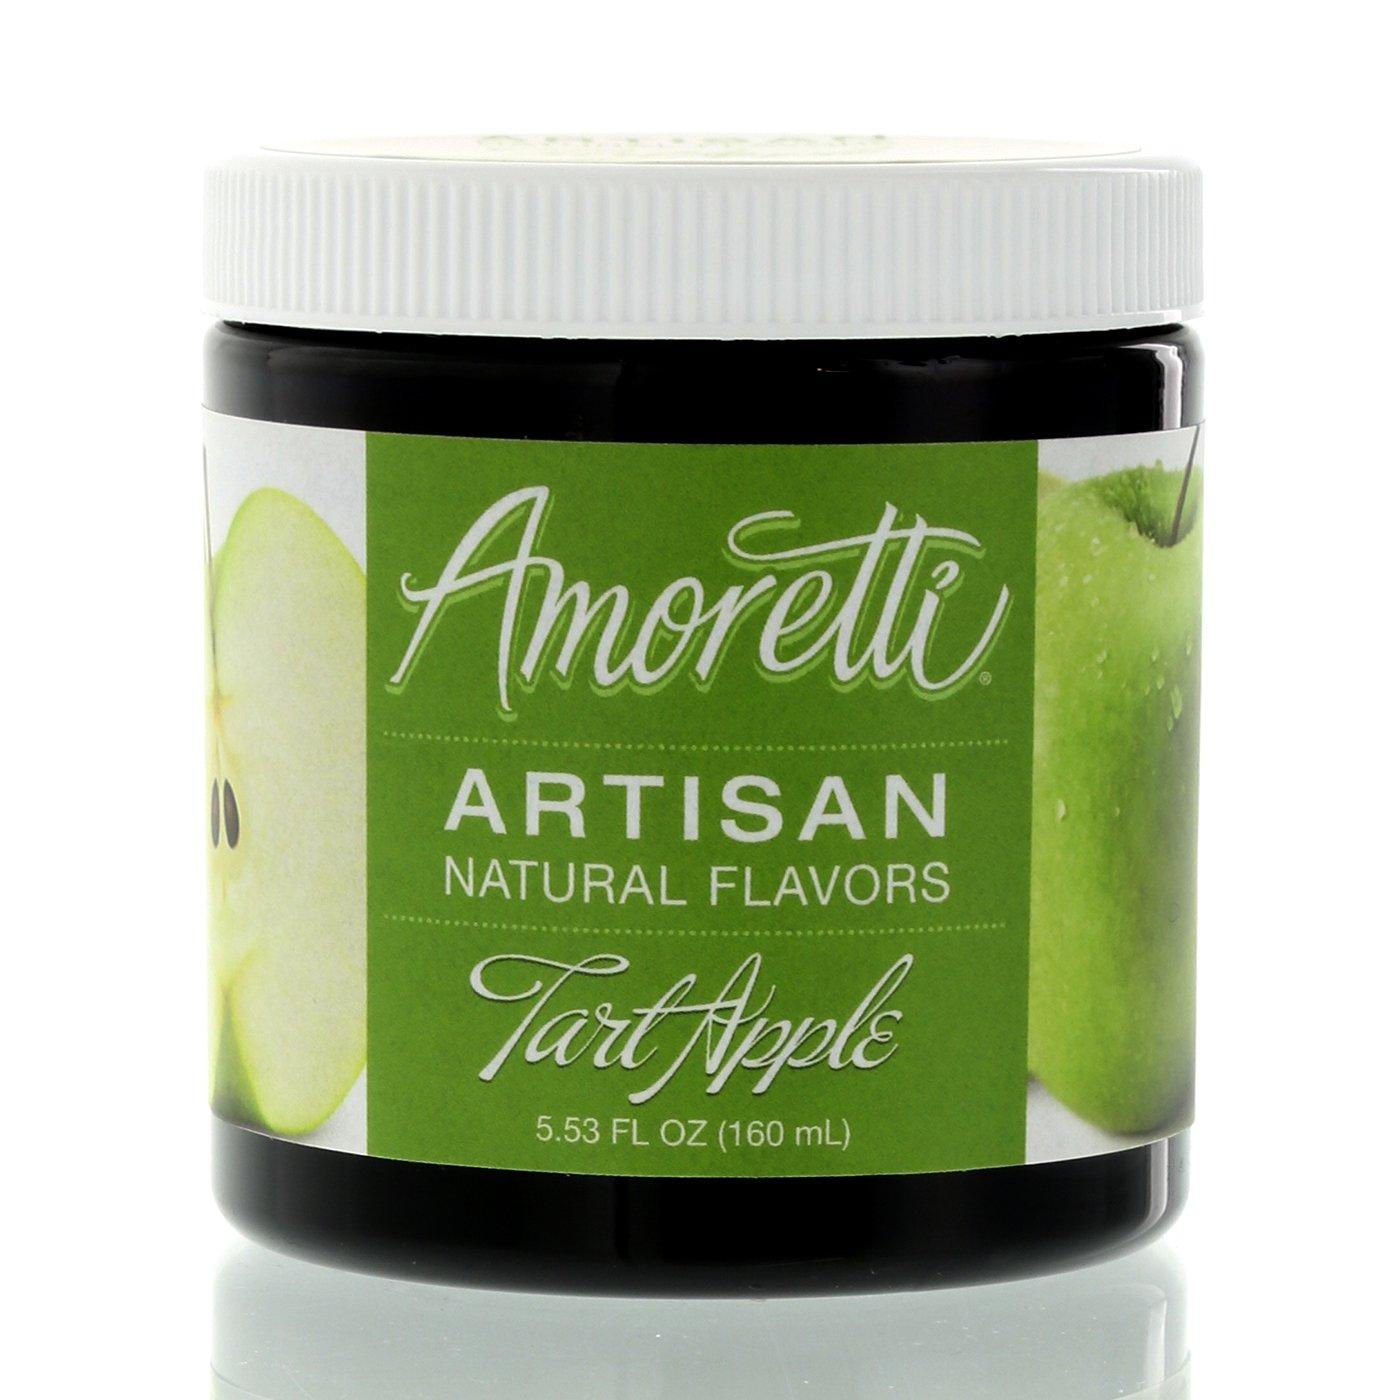 Amoretti Natural Artisan Flavor Apple Tart, 5.53 Fluid Ounce